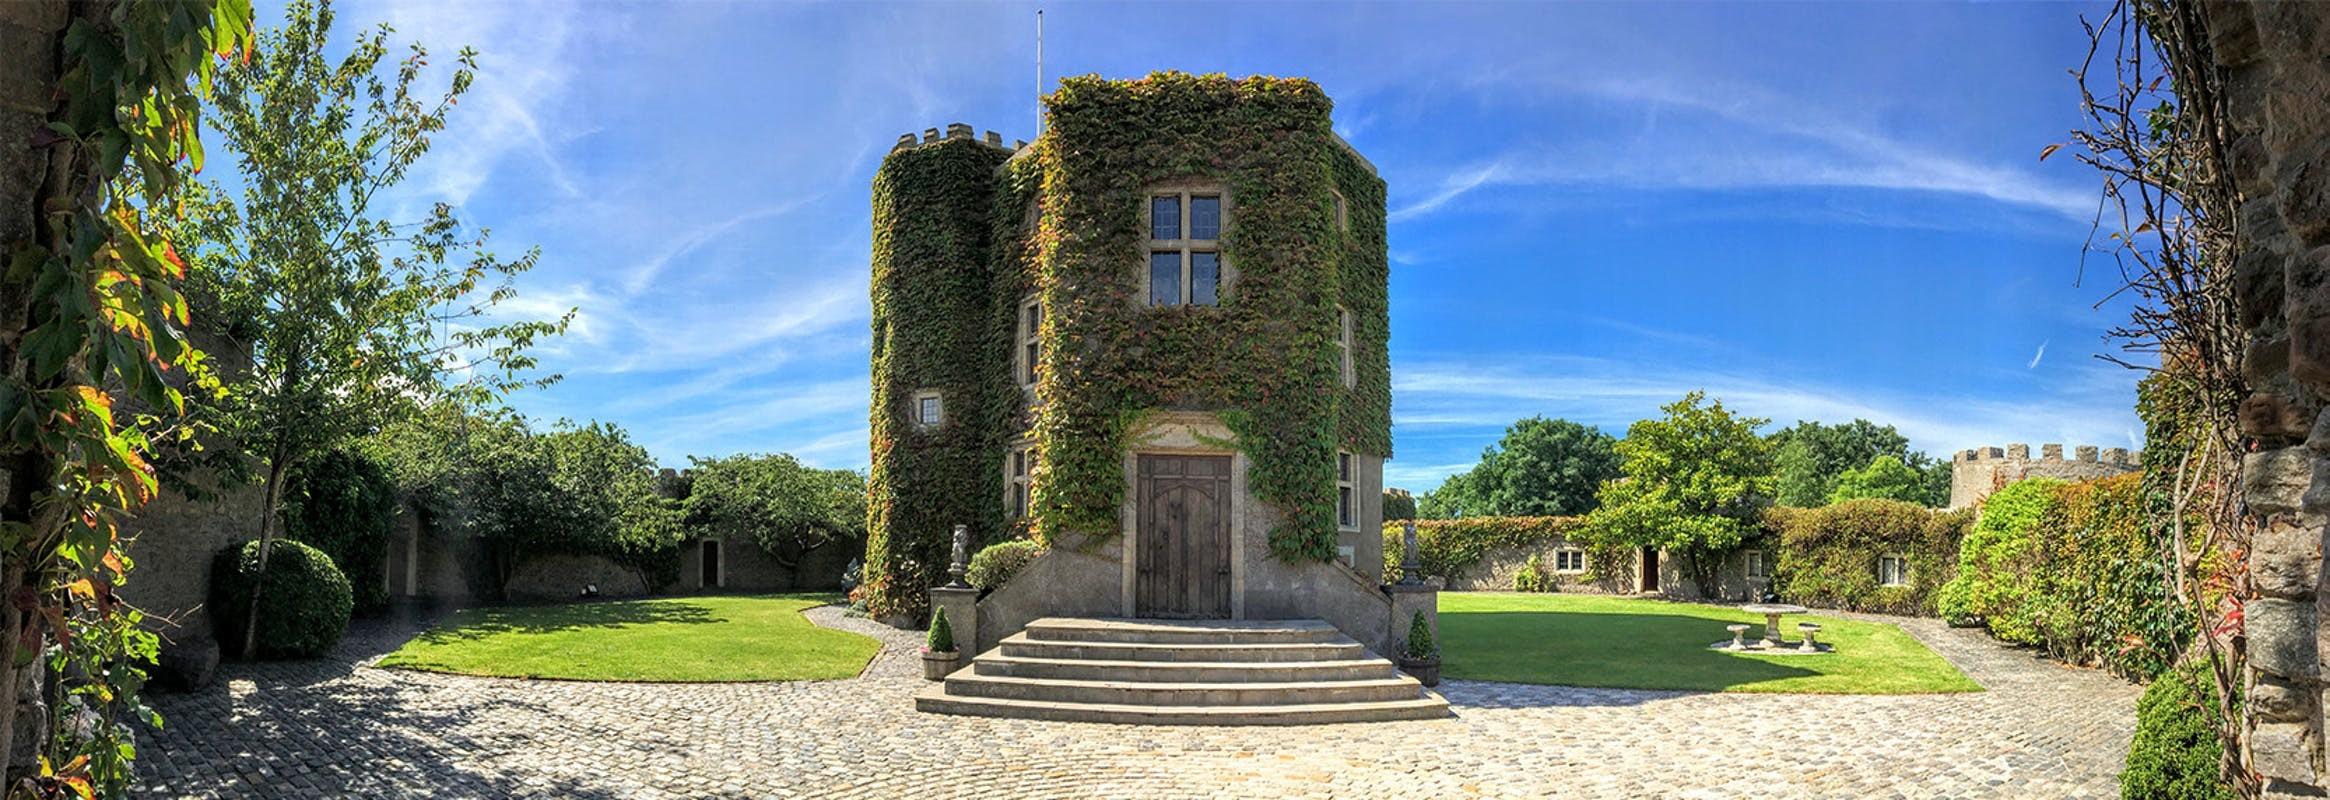 Castle wedding venues in Bristol